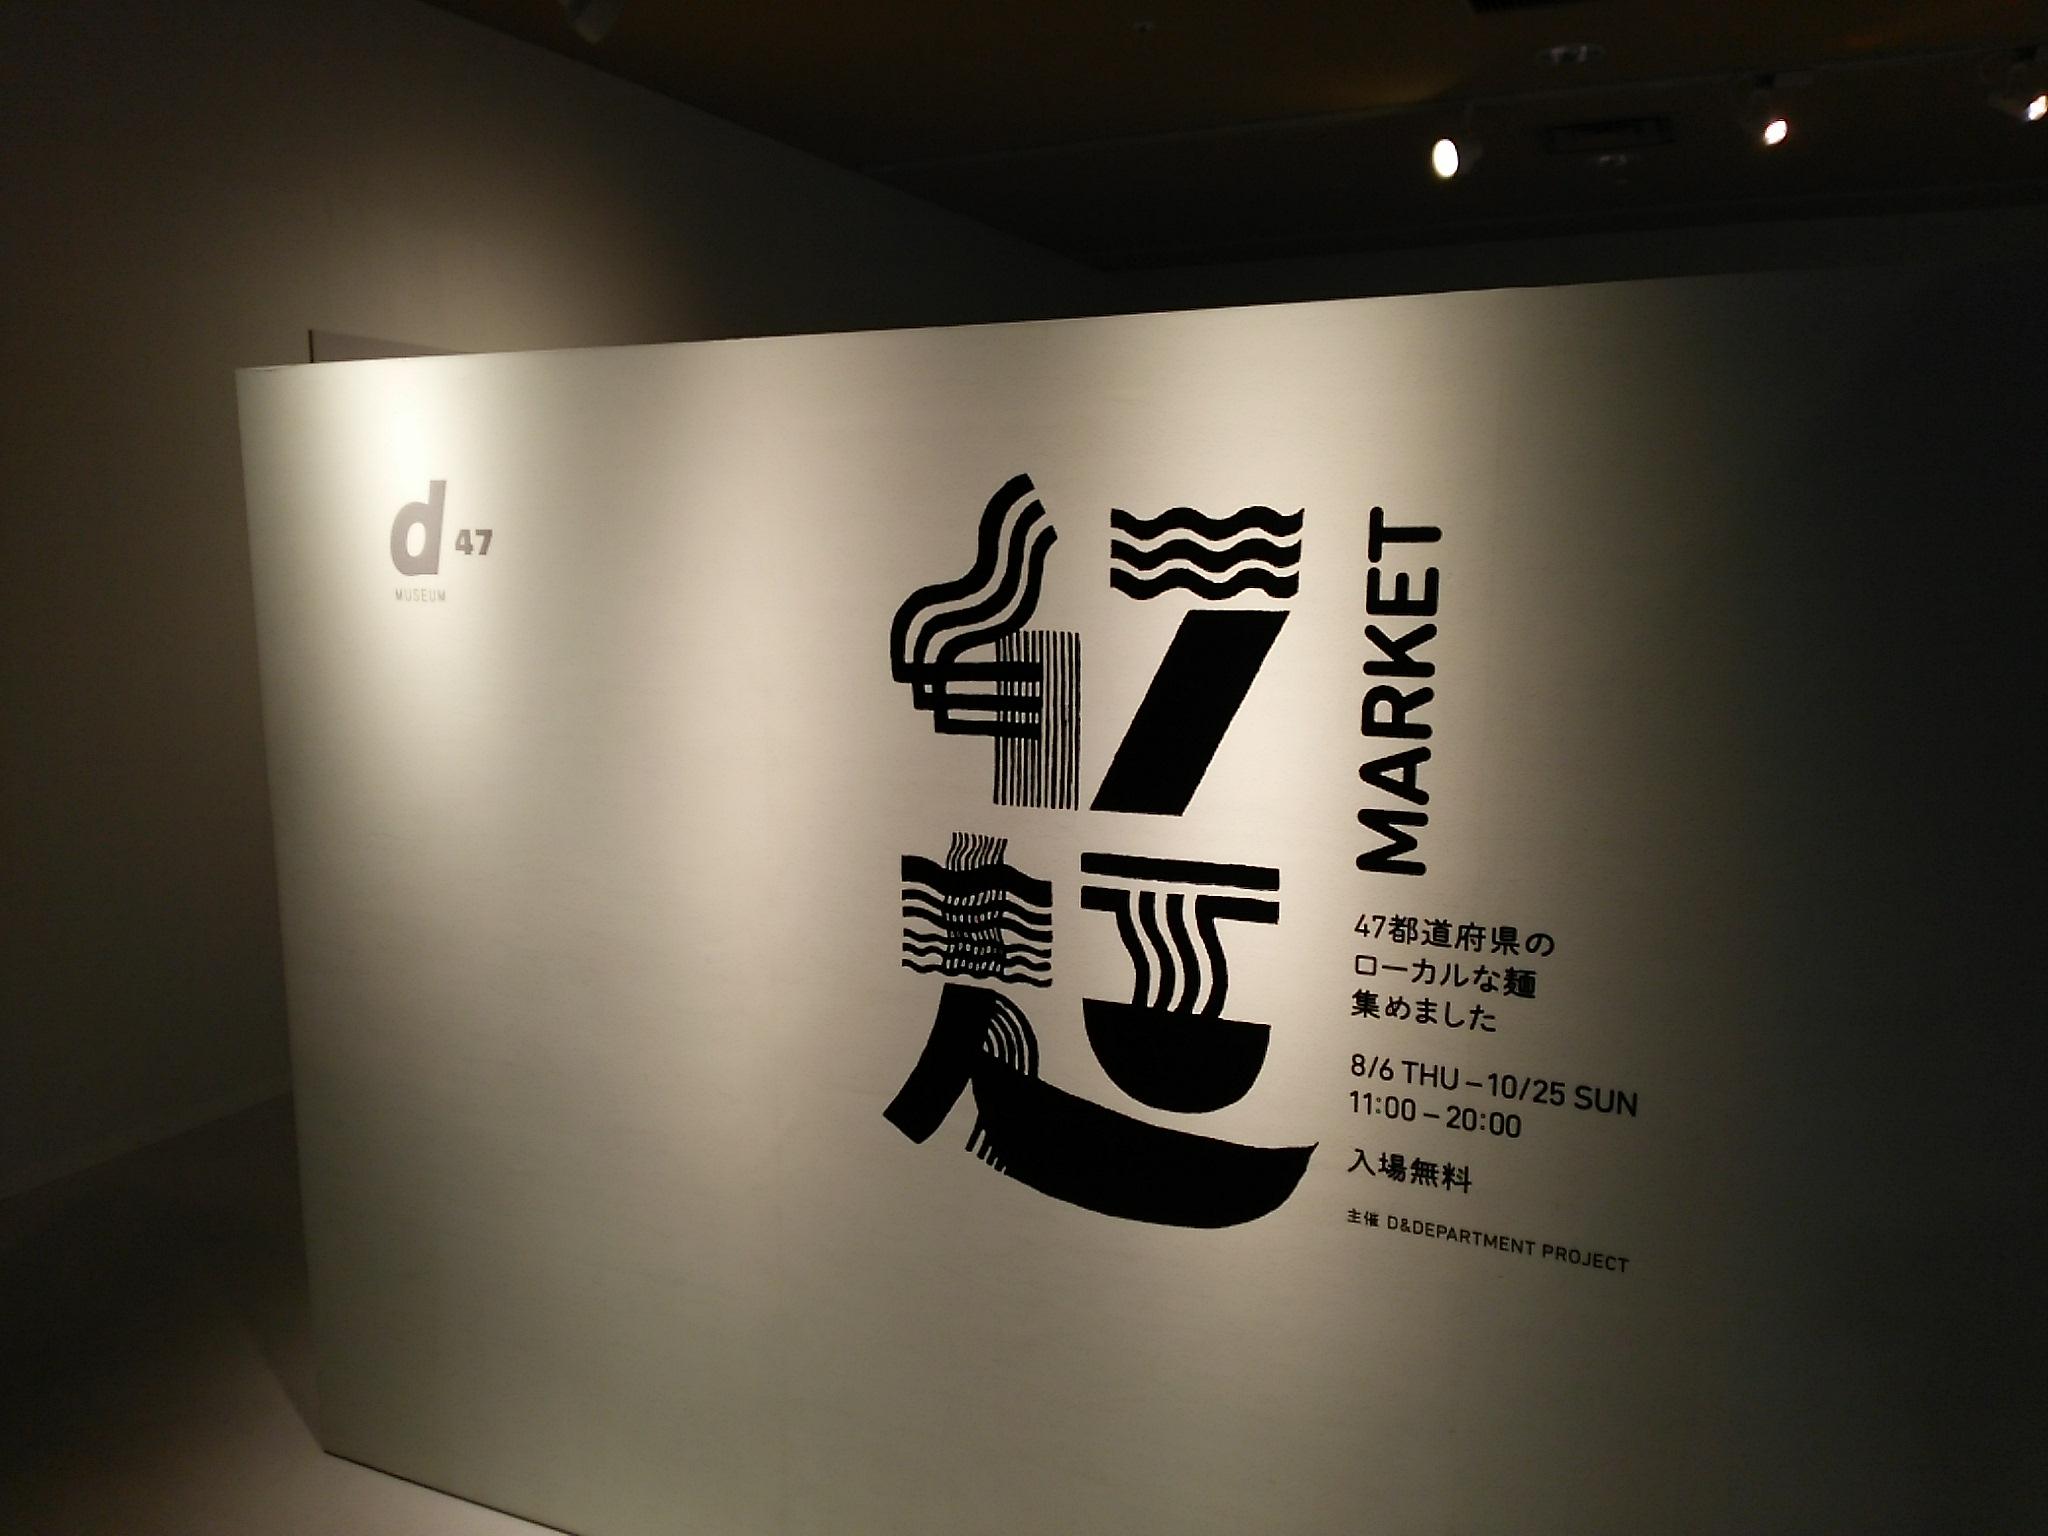 夏のご近所)表参道駅、国立新美術館アーティストファイル展、ヒカリエ・d47 museum_e0091712_2192158.jpg